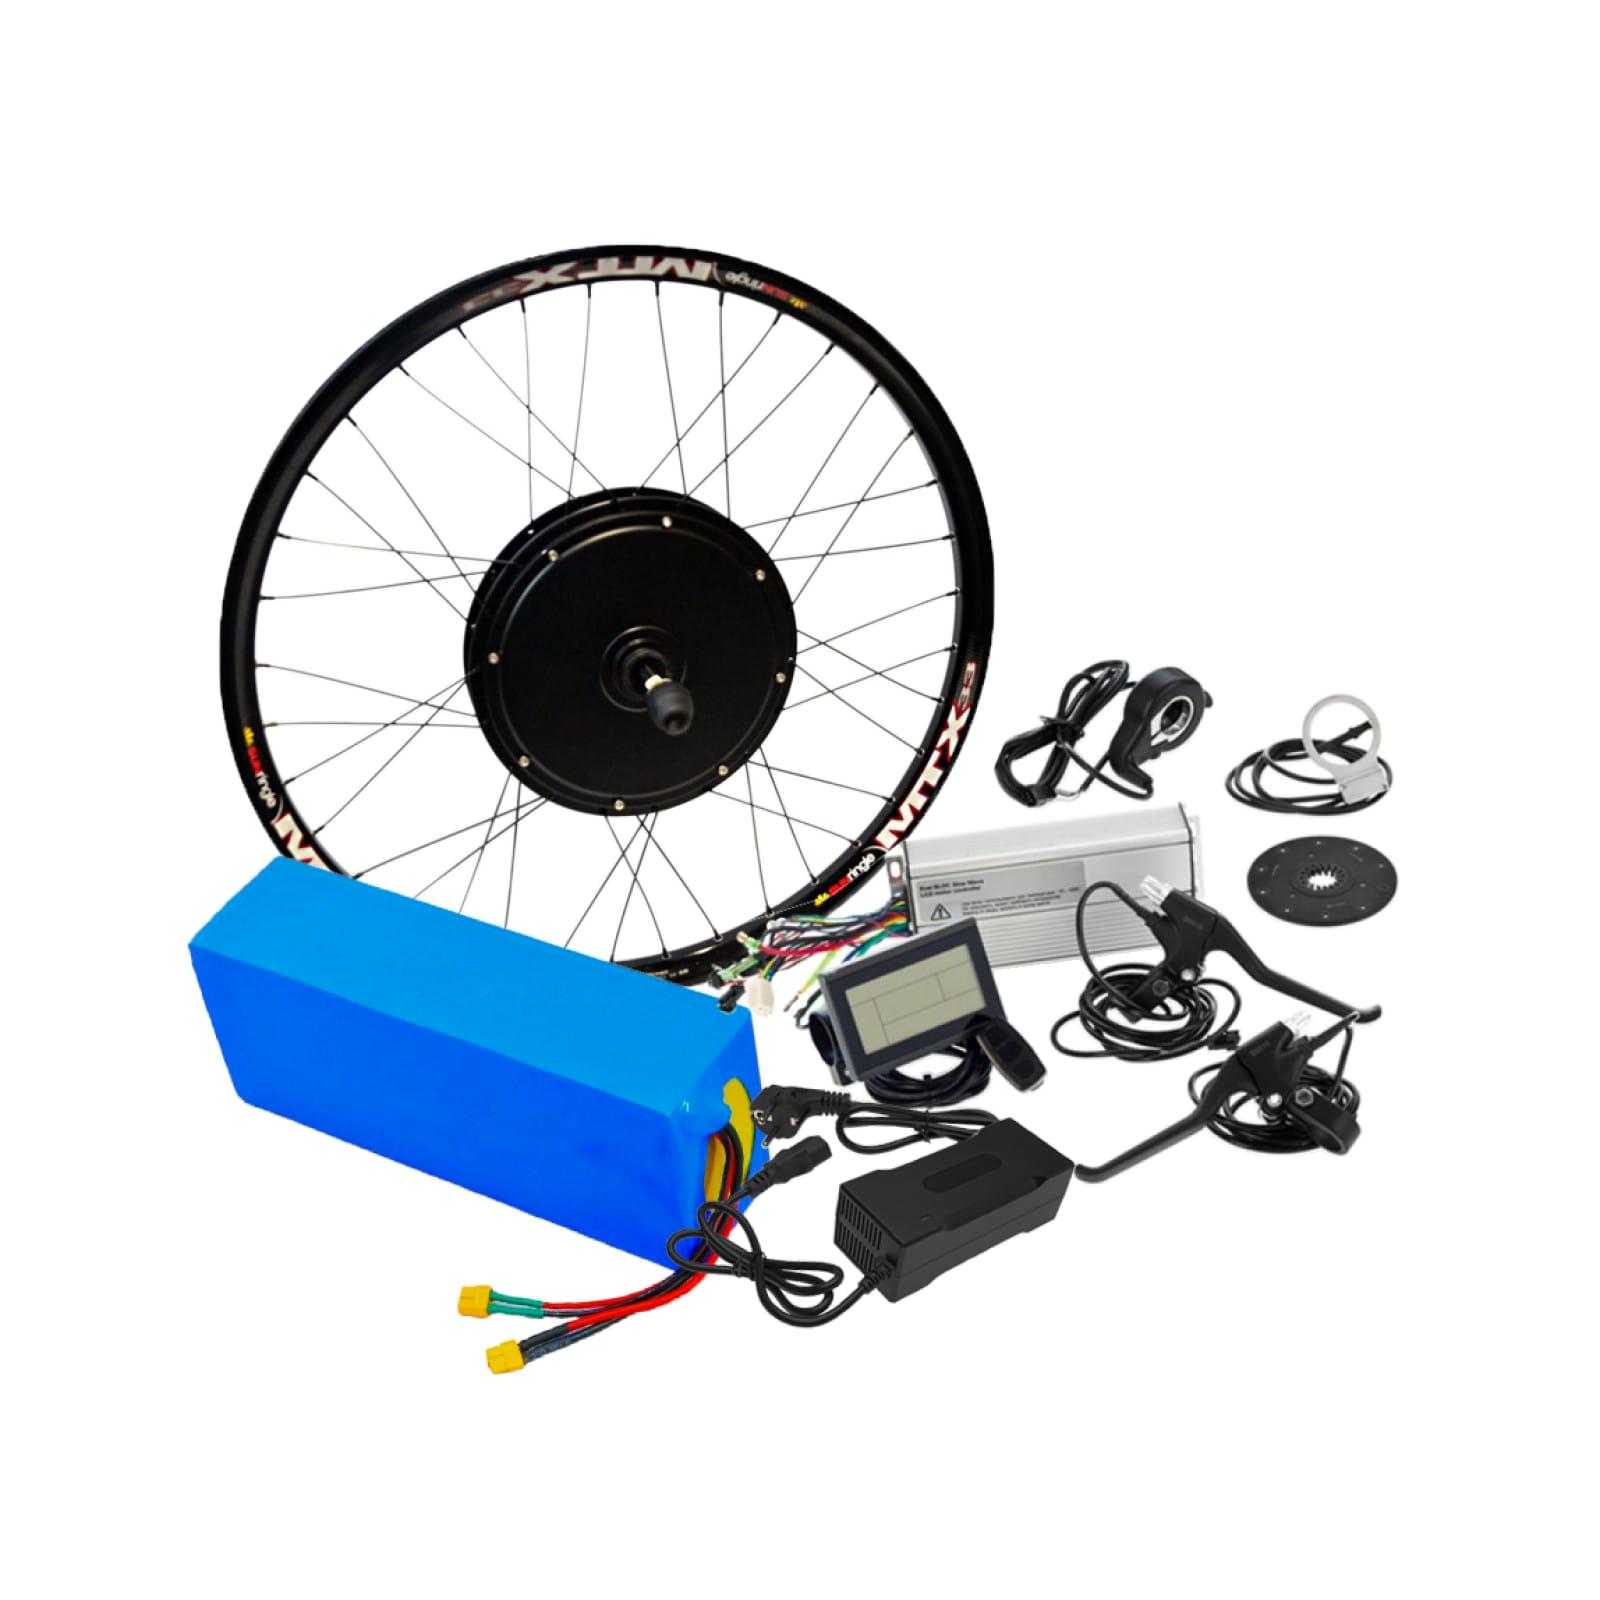 Электронабор для велосипеда 48В 1500Вт безредукторный с литий-ионным аккумулятором Boston Swing 21,2Ah